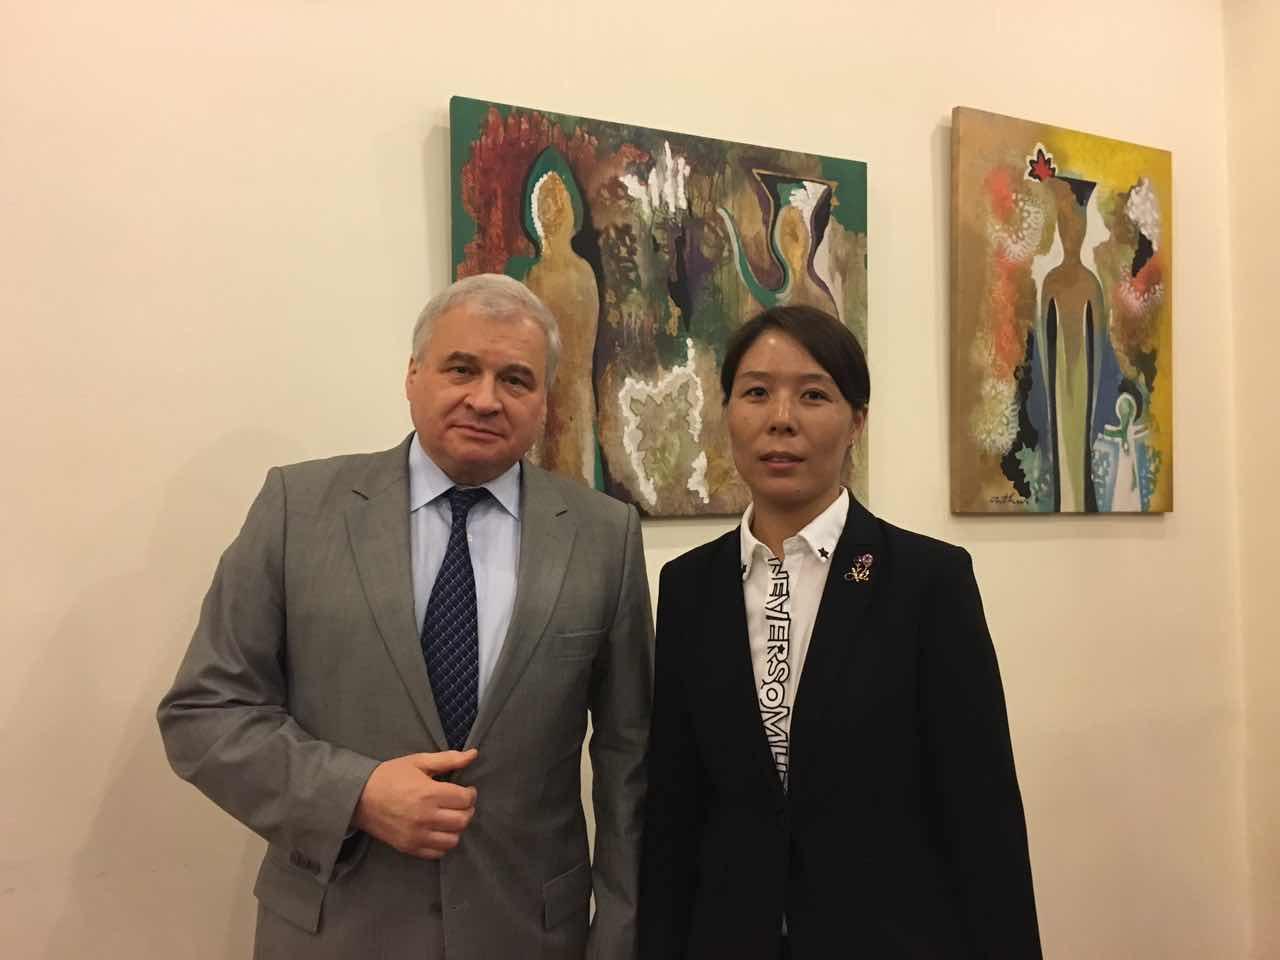 俄罗斯联邦驻华大使杰尼索夫与组委会秘书长崔江红